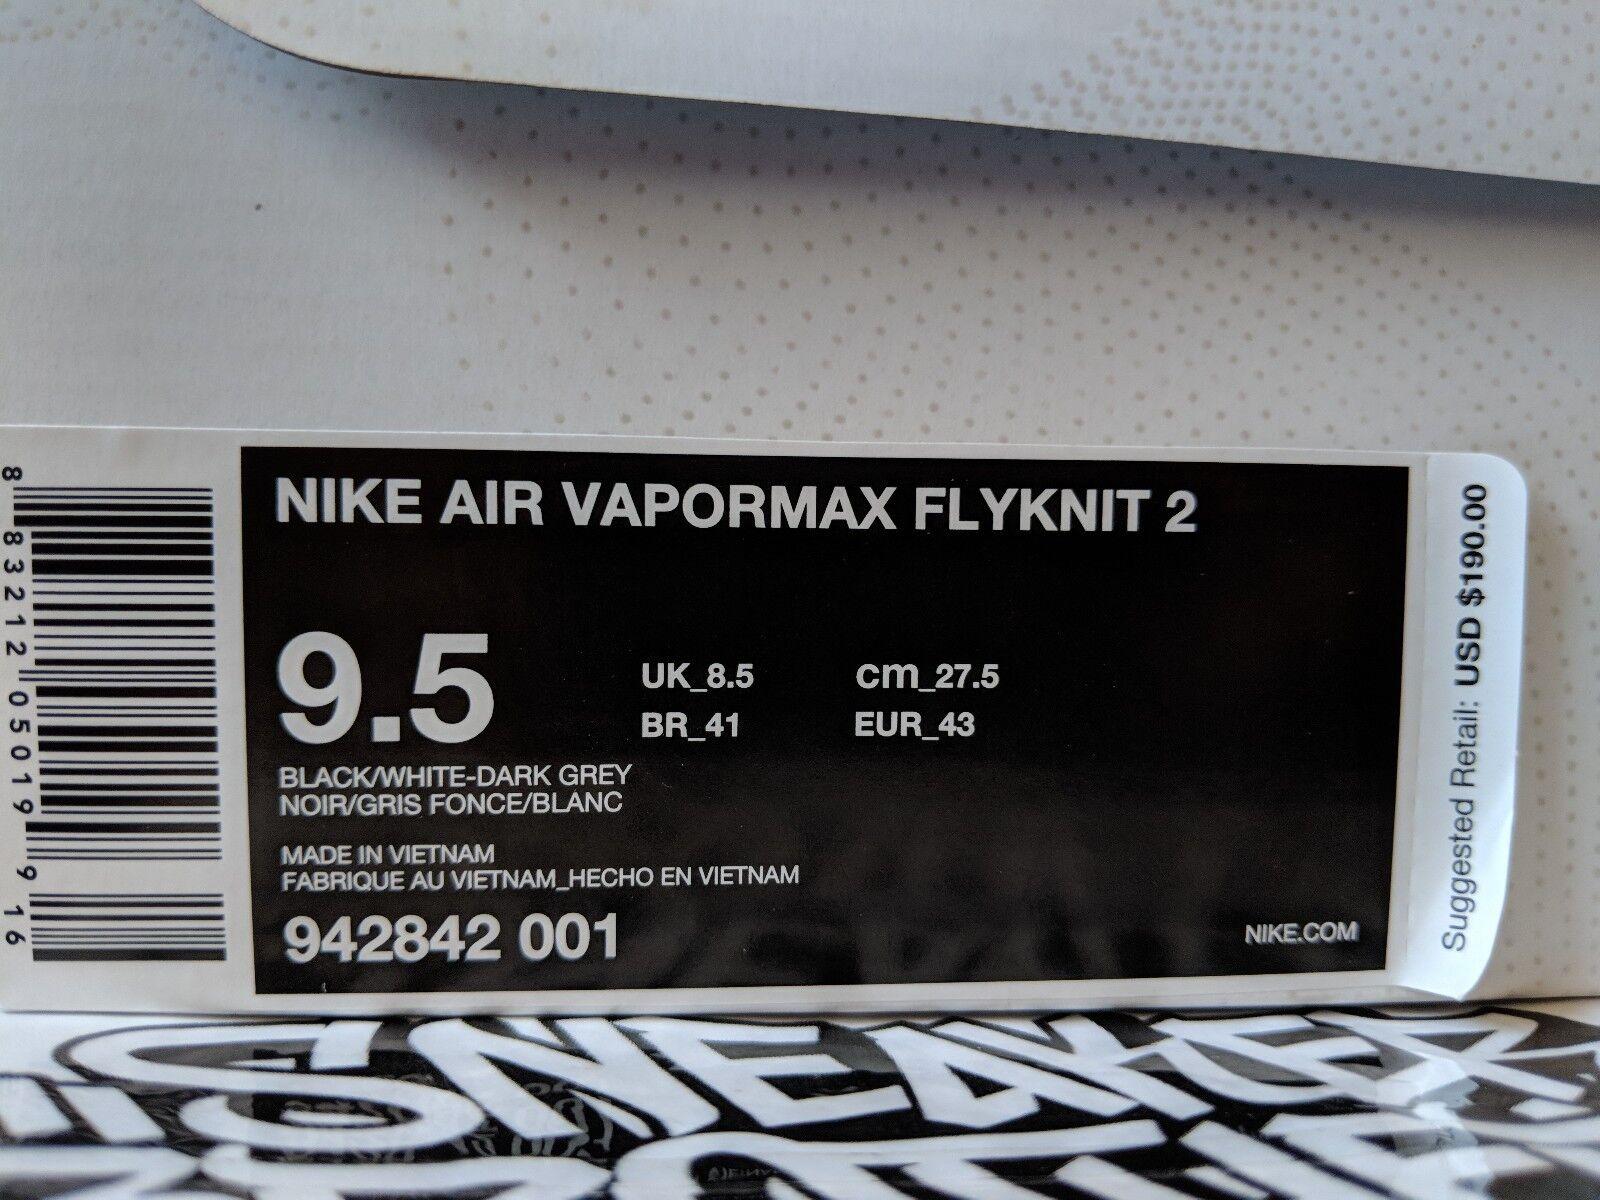 nike air vapormax flyknit 2 silber schwarz - weiß - silber 2 942842-001 dunkelgrauen laufen d2d70a